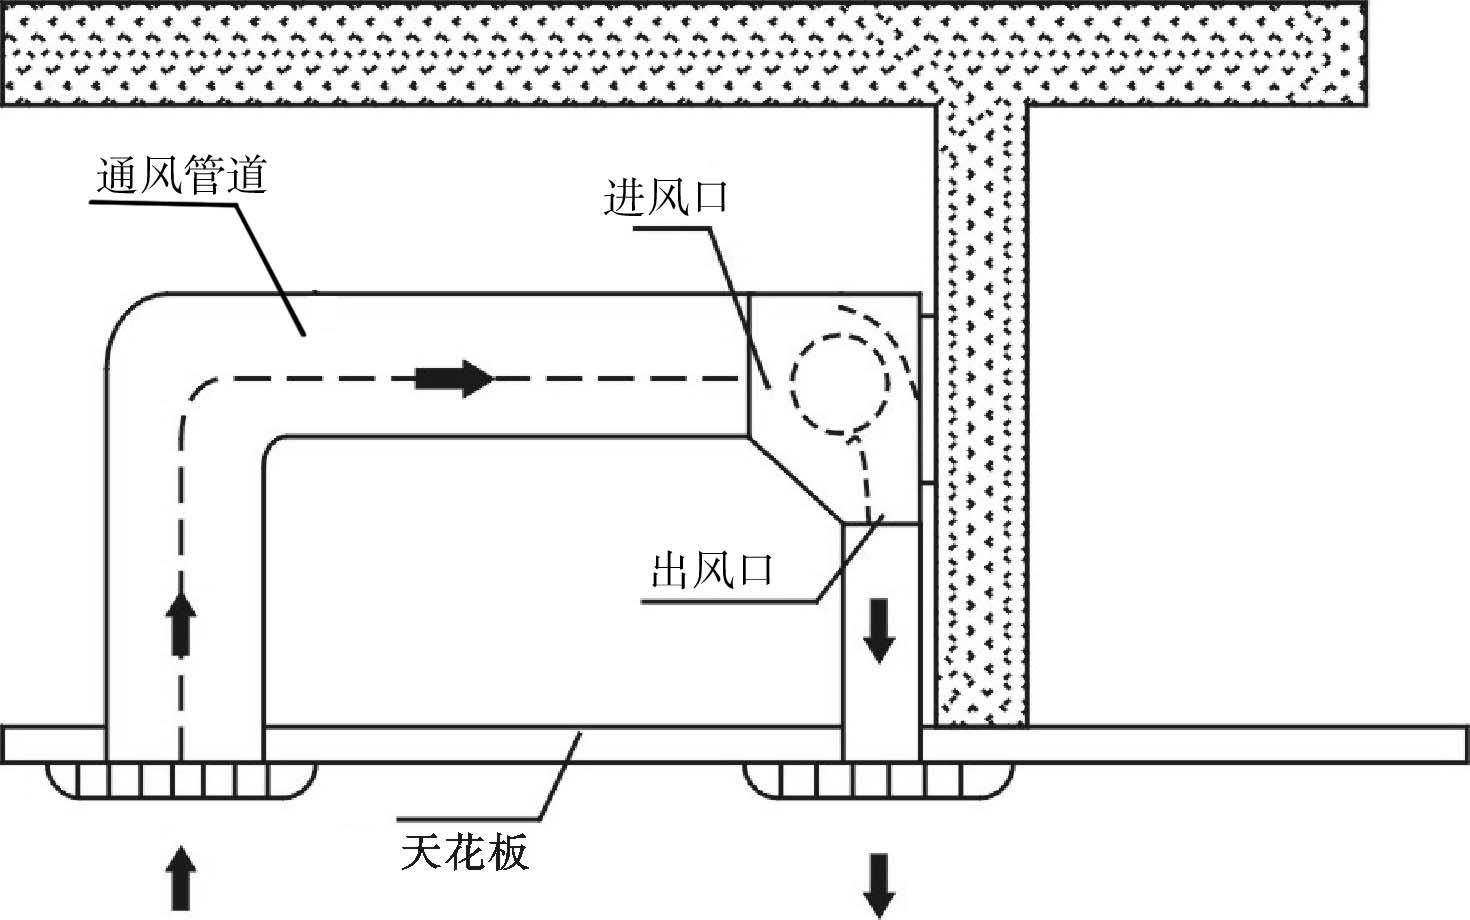 【风幕机百科】直排式风幕机,直排式风幕机安装和使用